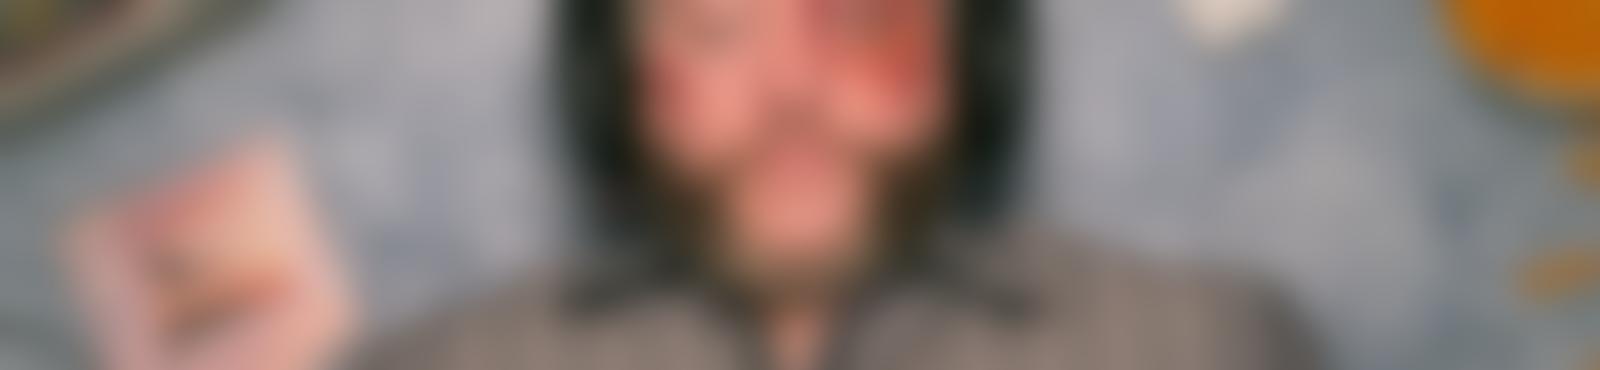 Blurred d43f37b4 85b0 4d77 bd79 35ff0b6949ea